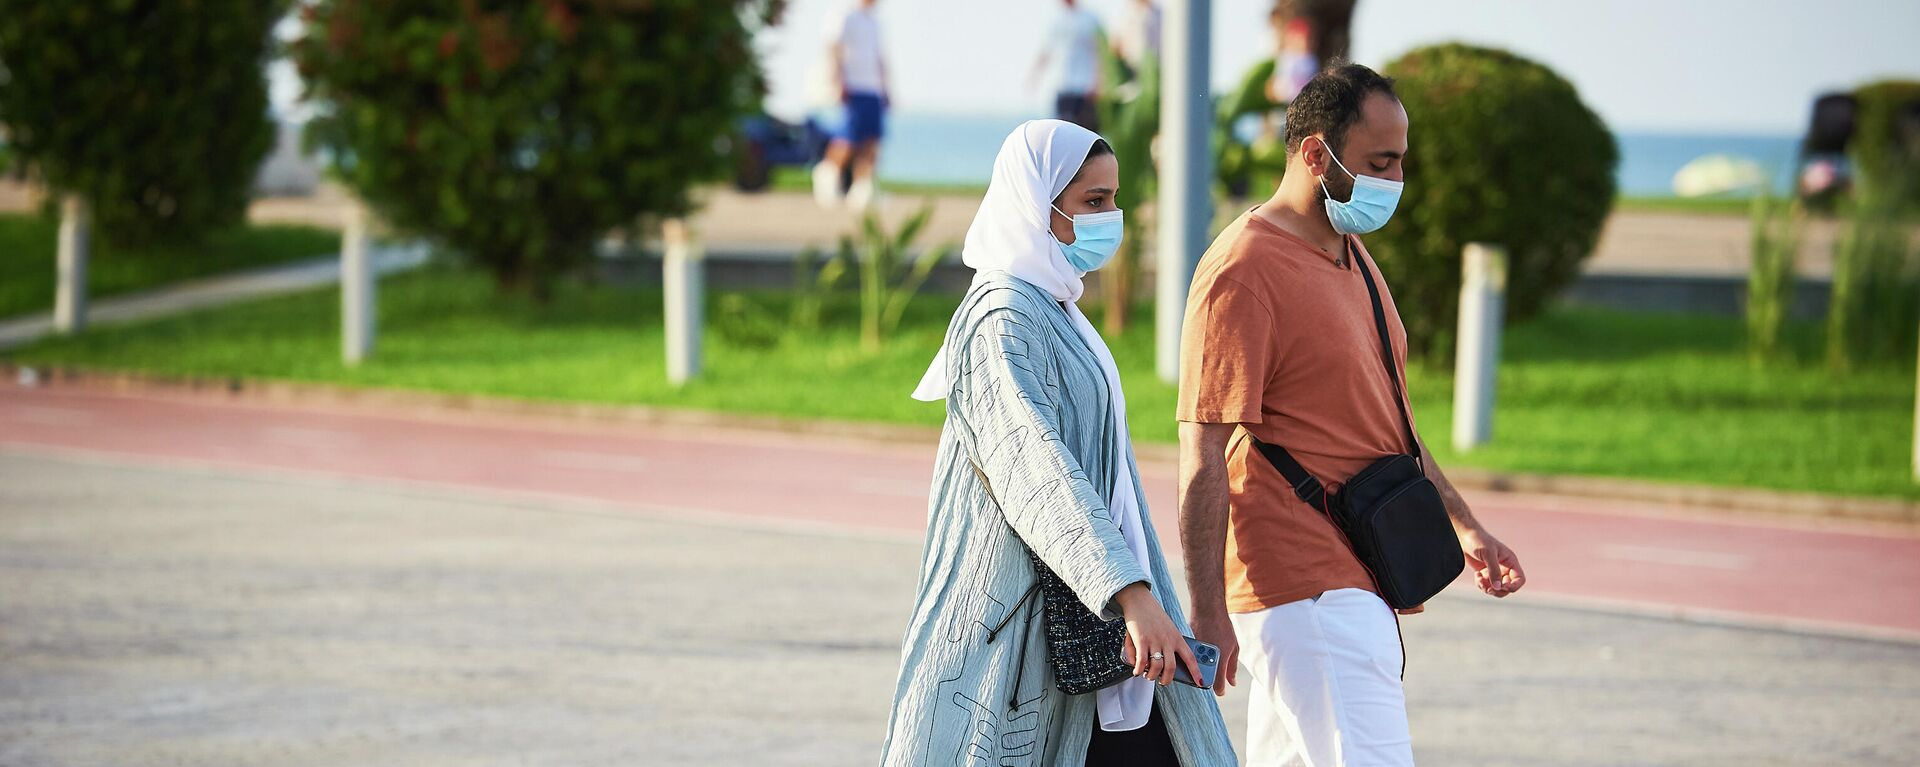 Эпидемия коронавируса - туристы на батумском бульваре в масках - Sputnik Грузия, 1920, 28.08.2021